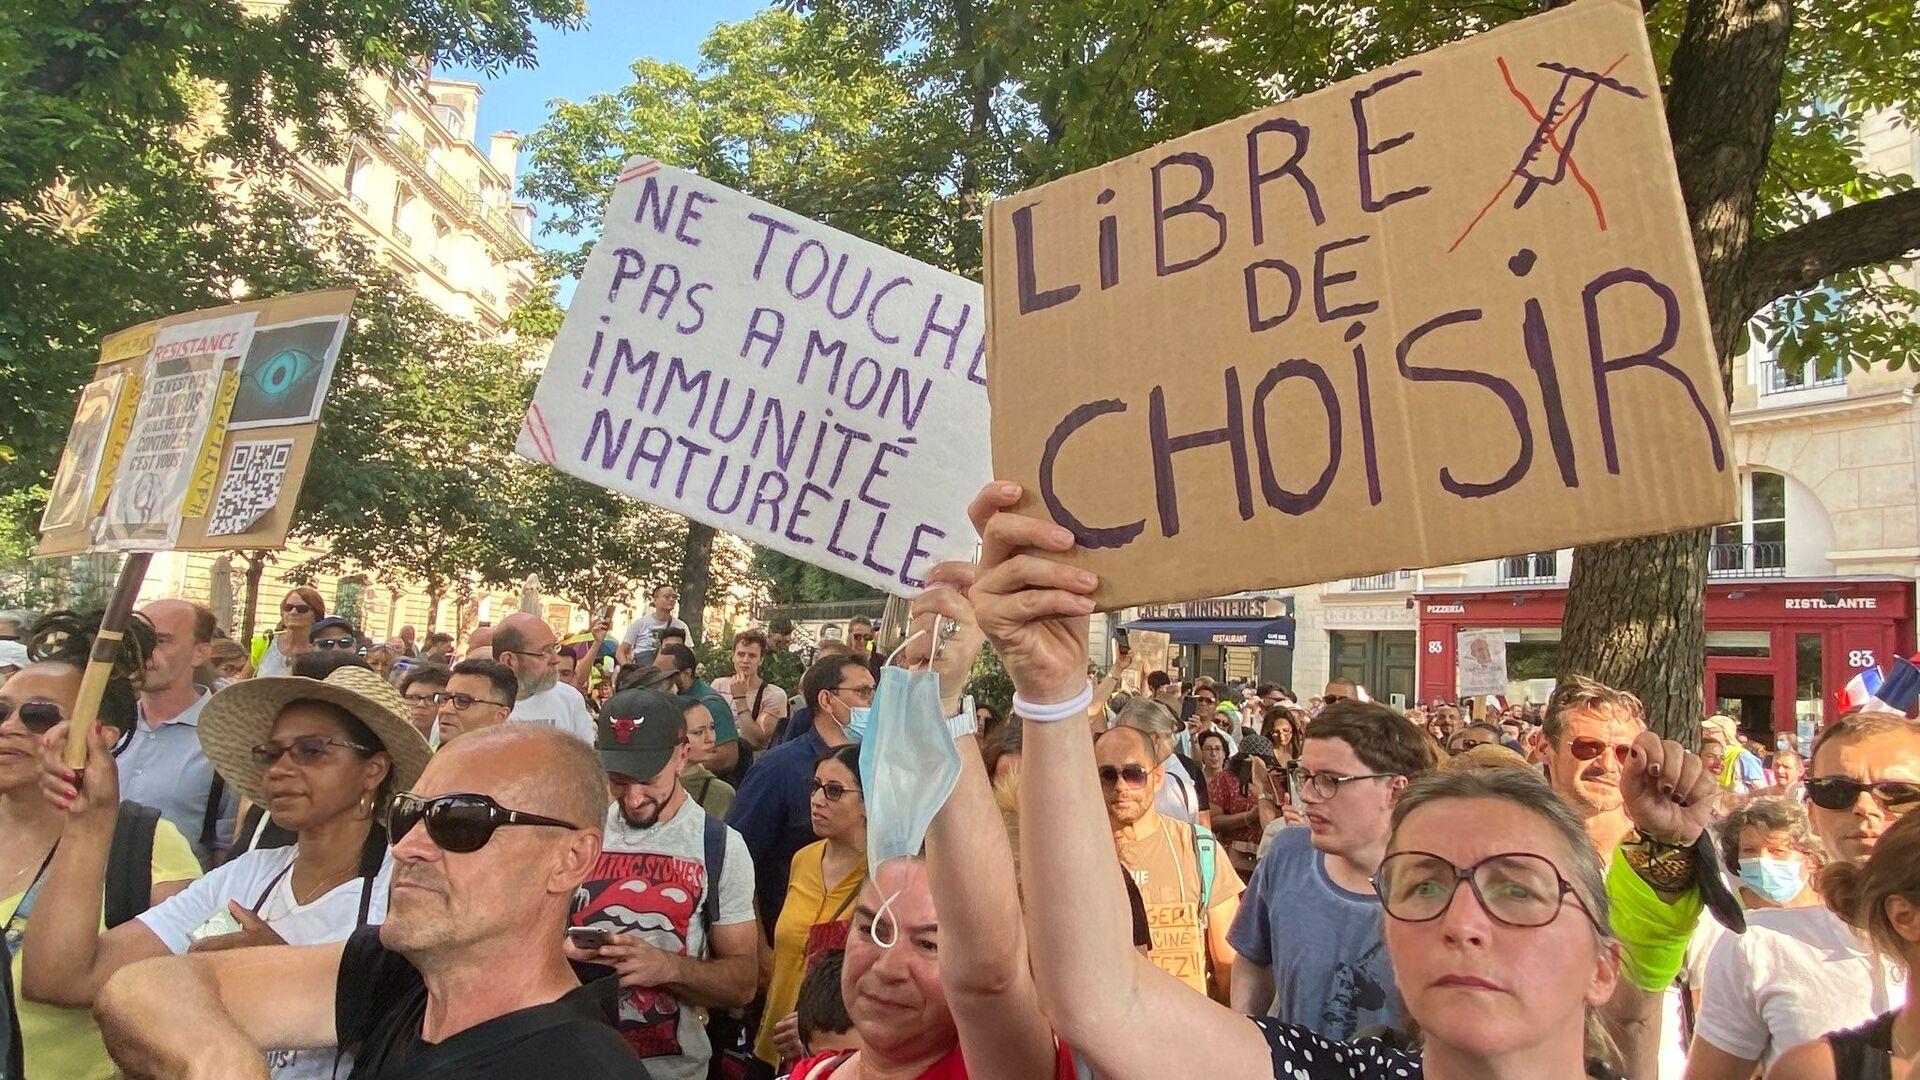 Manifestation contre le pass sanitaire et la vaccination obligatoire des soignants, 21 juillet 2021, Paris - Sputnik France, 1920, 22.09.2021